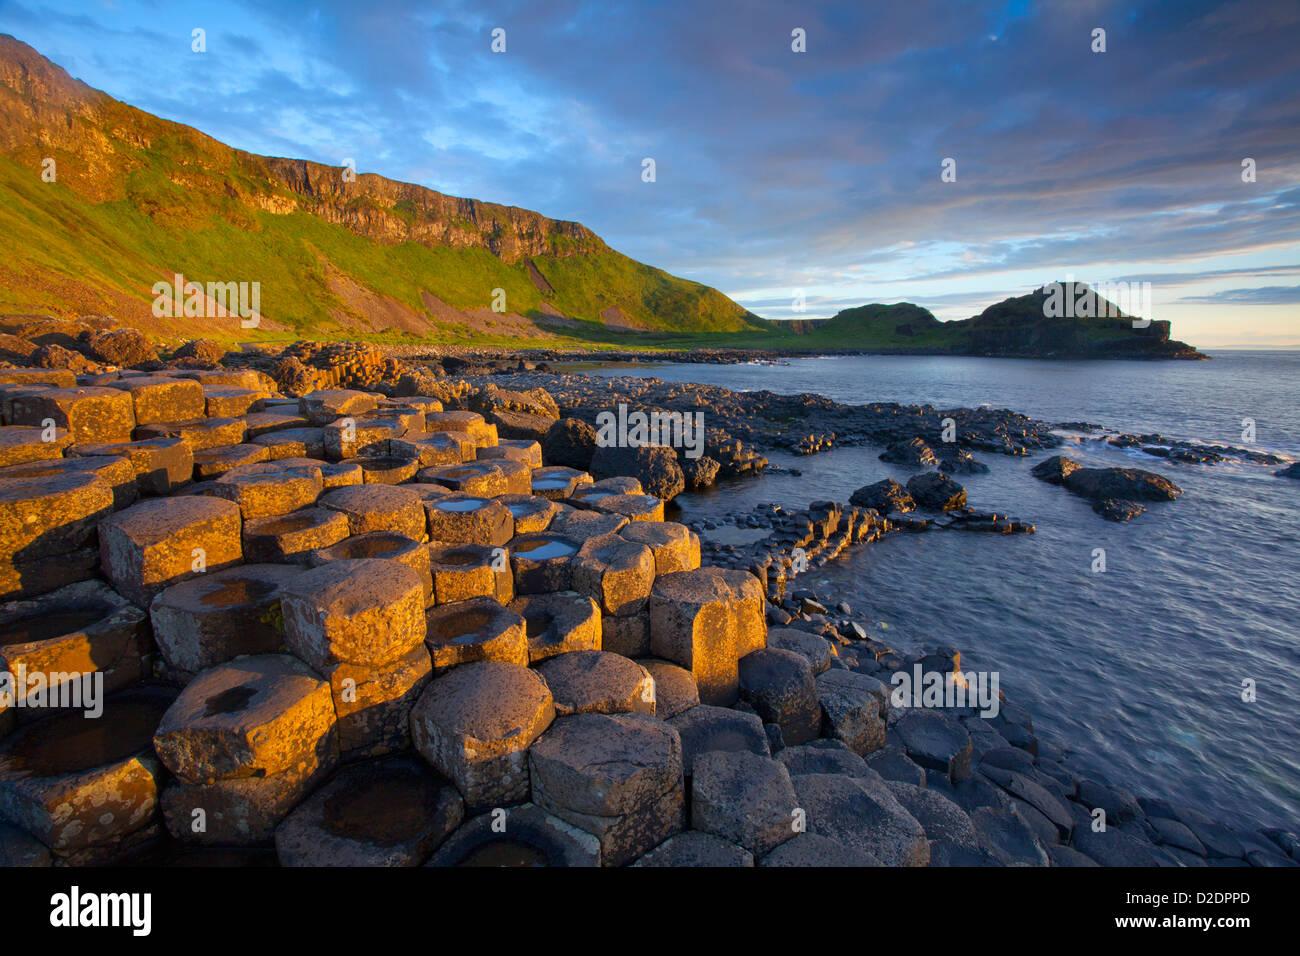 Lumière du soir sur le Giant's Causeway, le comté d'Antrim, en Irlande du Nord. Photo Stock